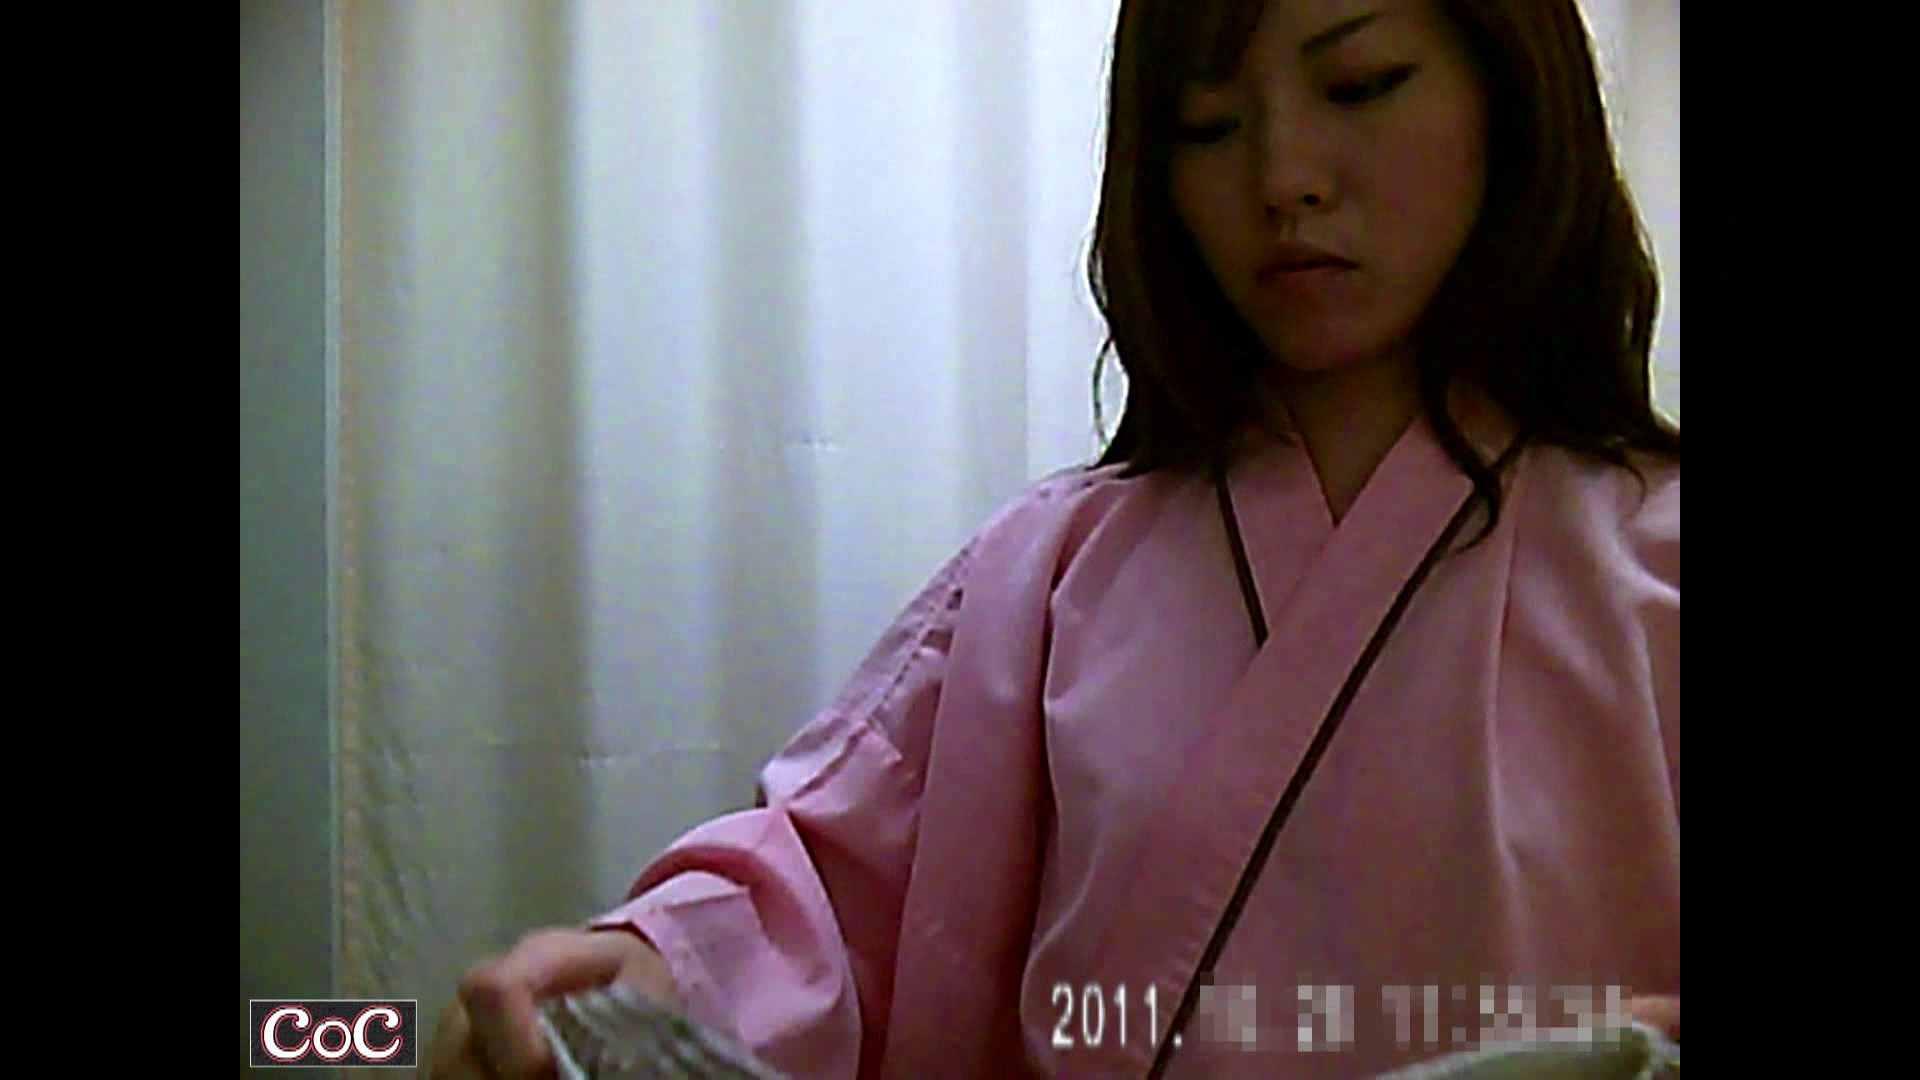 元医者による反抗 更衣室地獄絵巻 vol.221 OLハメ撮り  35Pix 10